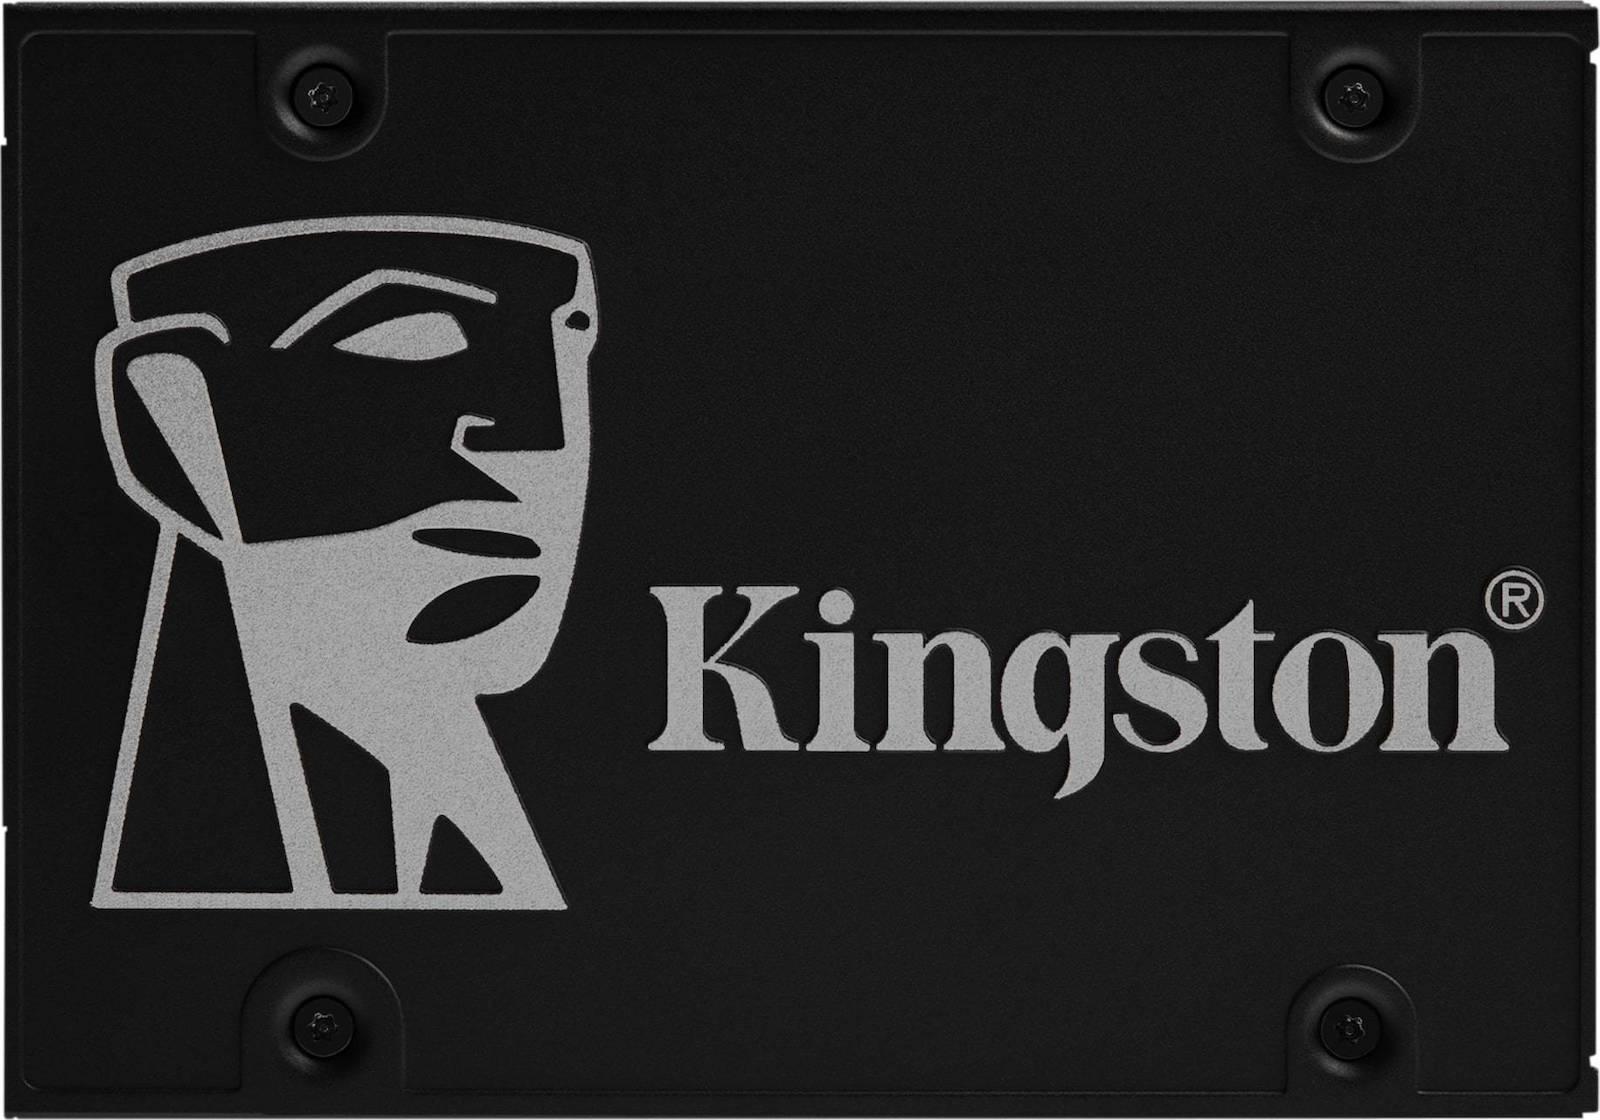 Kingston KC600 256GB - Skroutz.gr